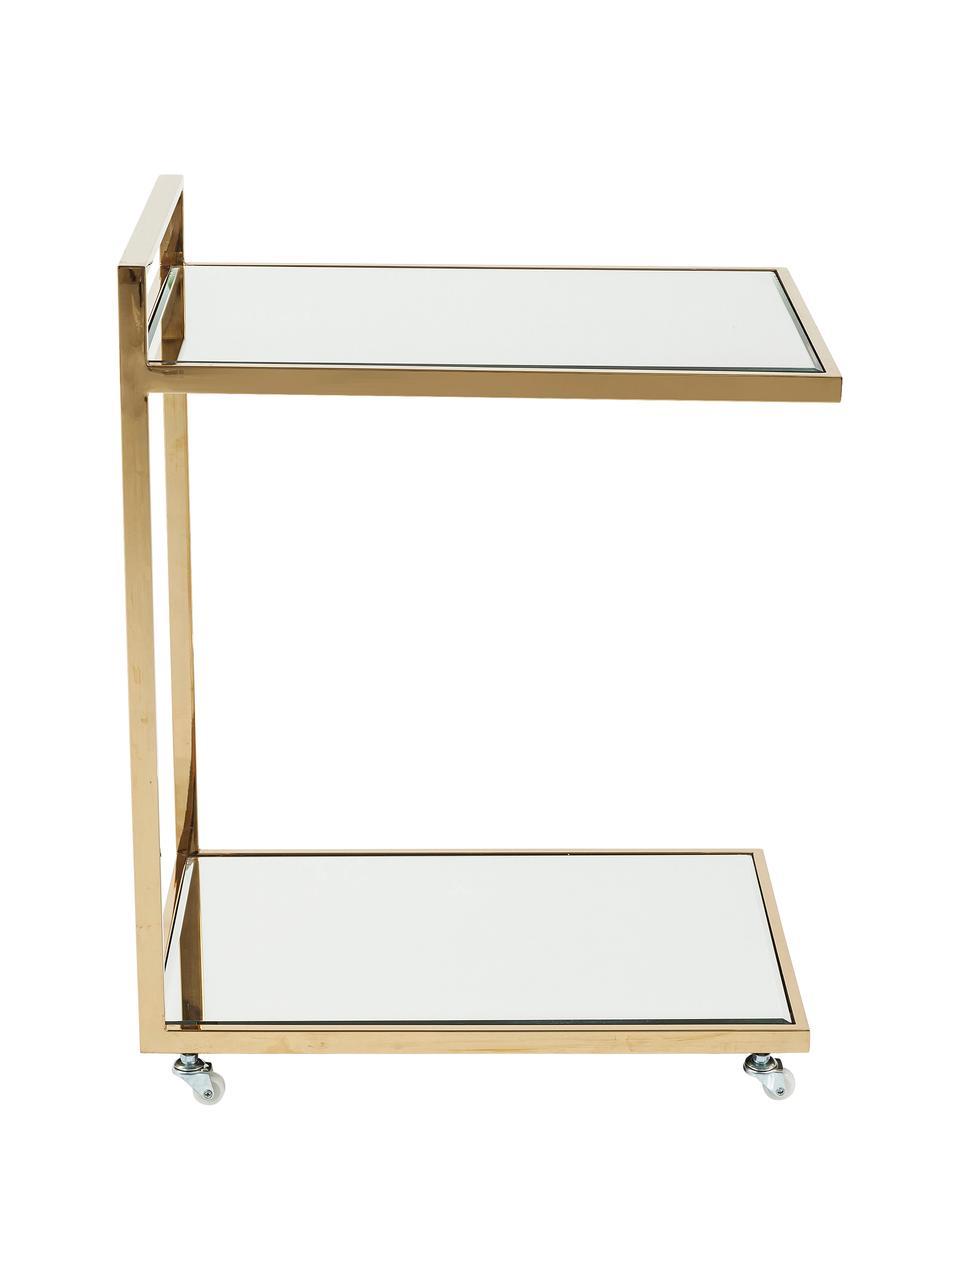 Desserte avec verre miroir Classy Gold, Structure: couleur dorée Tablette: verre Roulettes: blanc